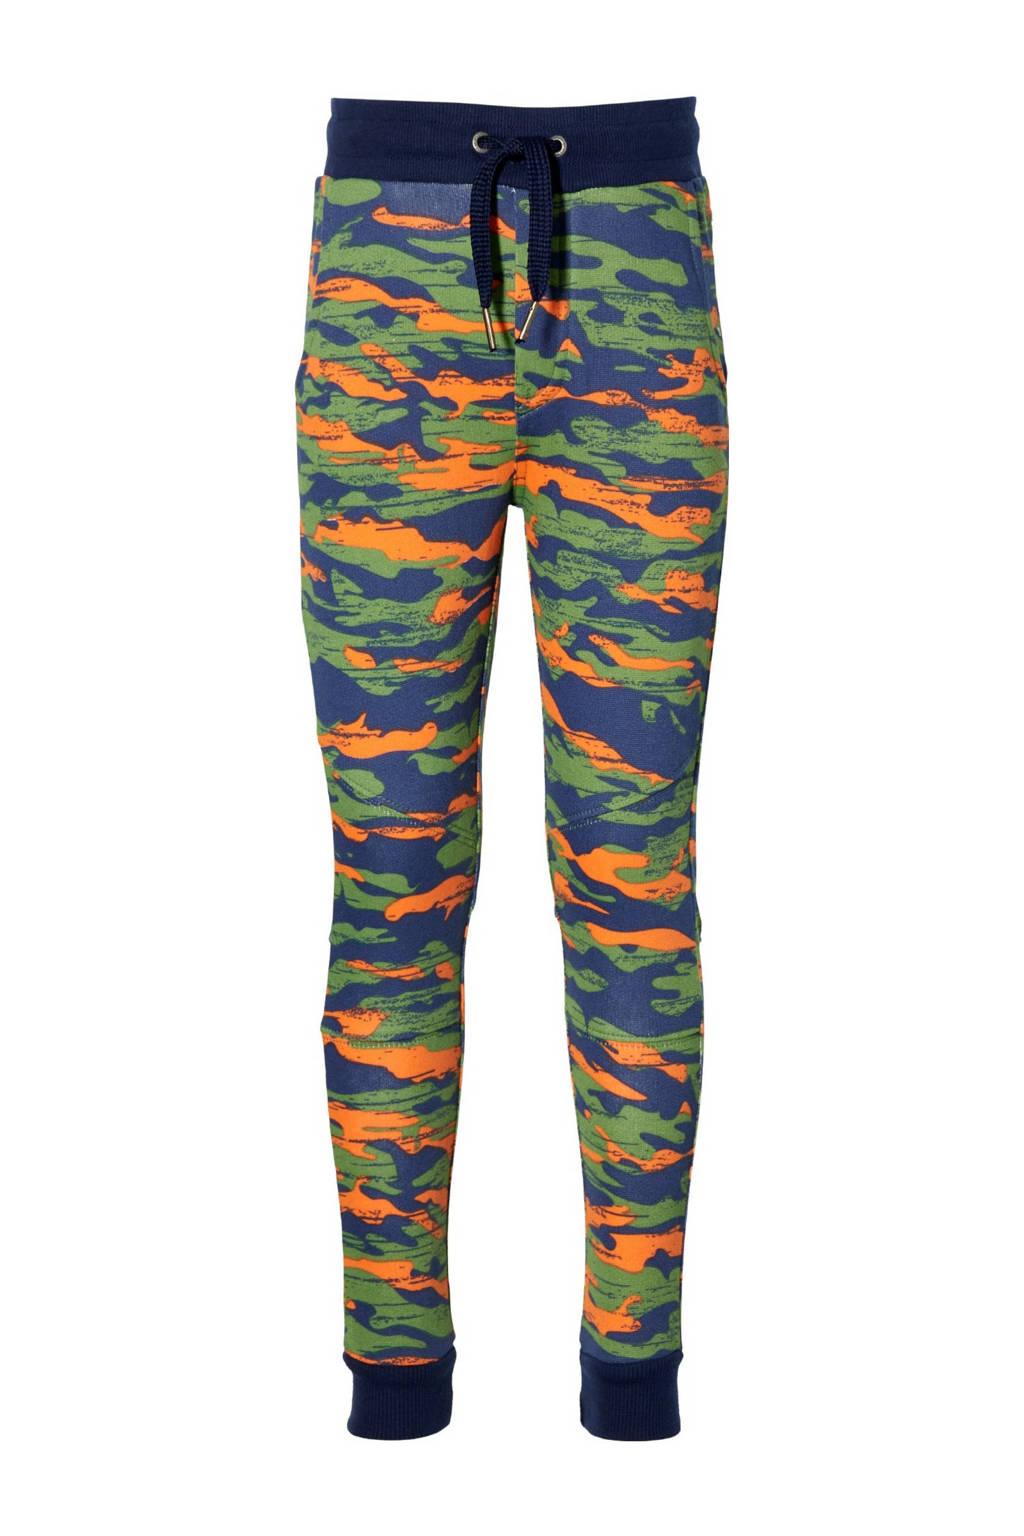 Quapi regular fit broek Dinan met camouflageprint groen/oranje, Groen/oranje